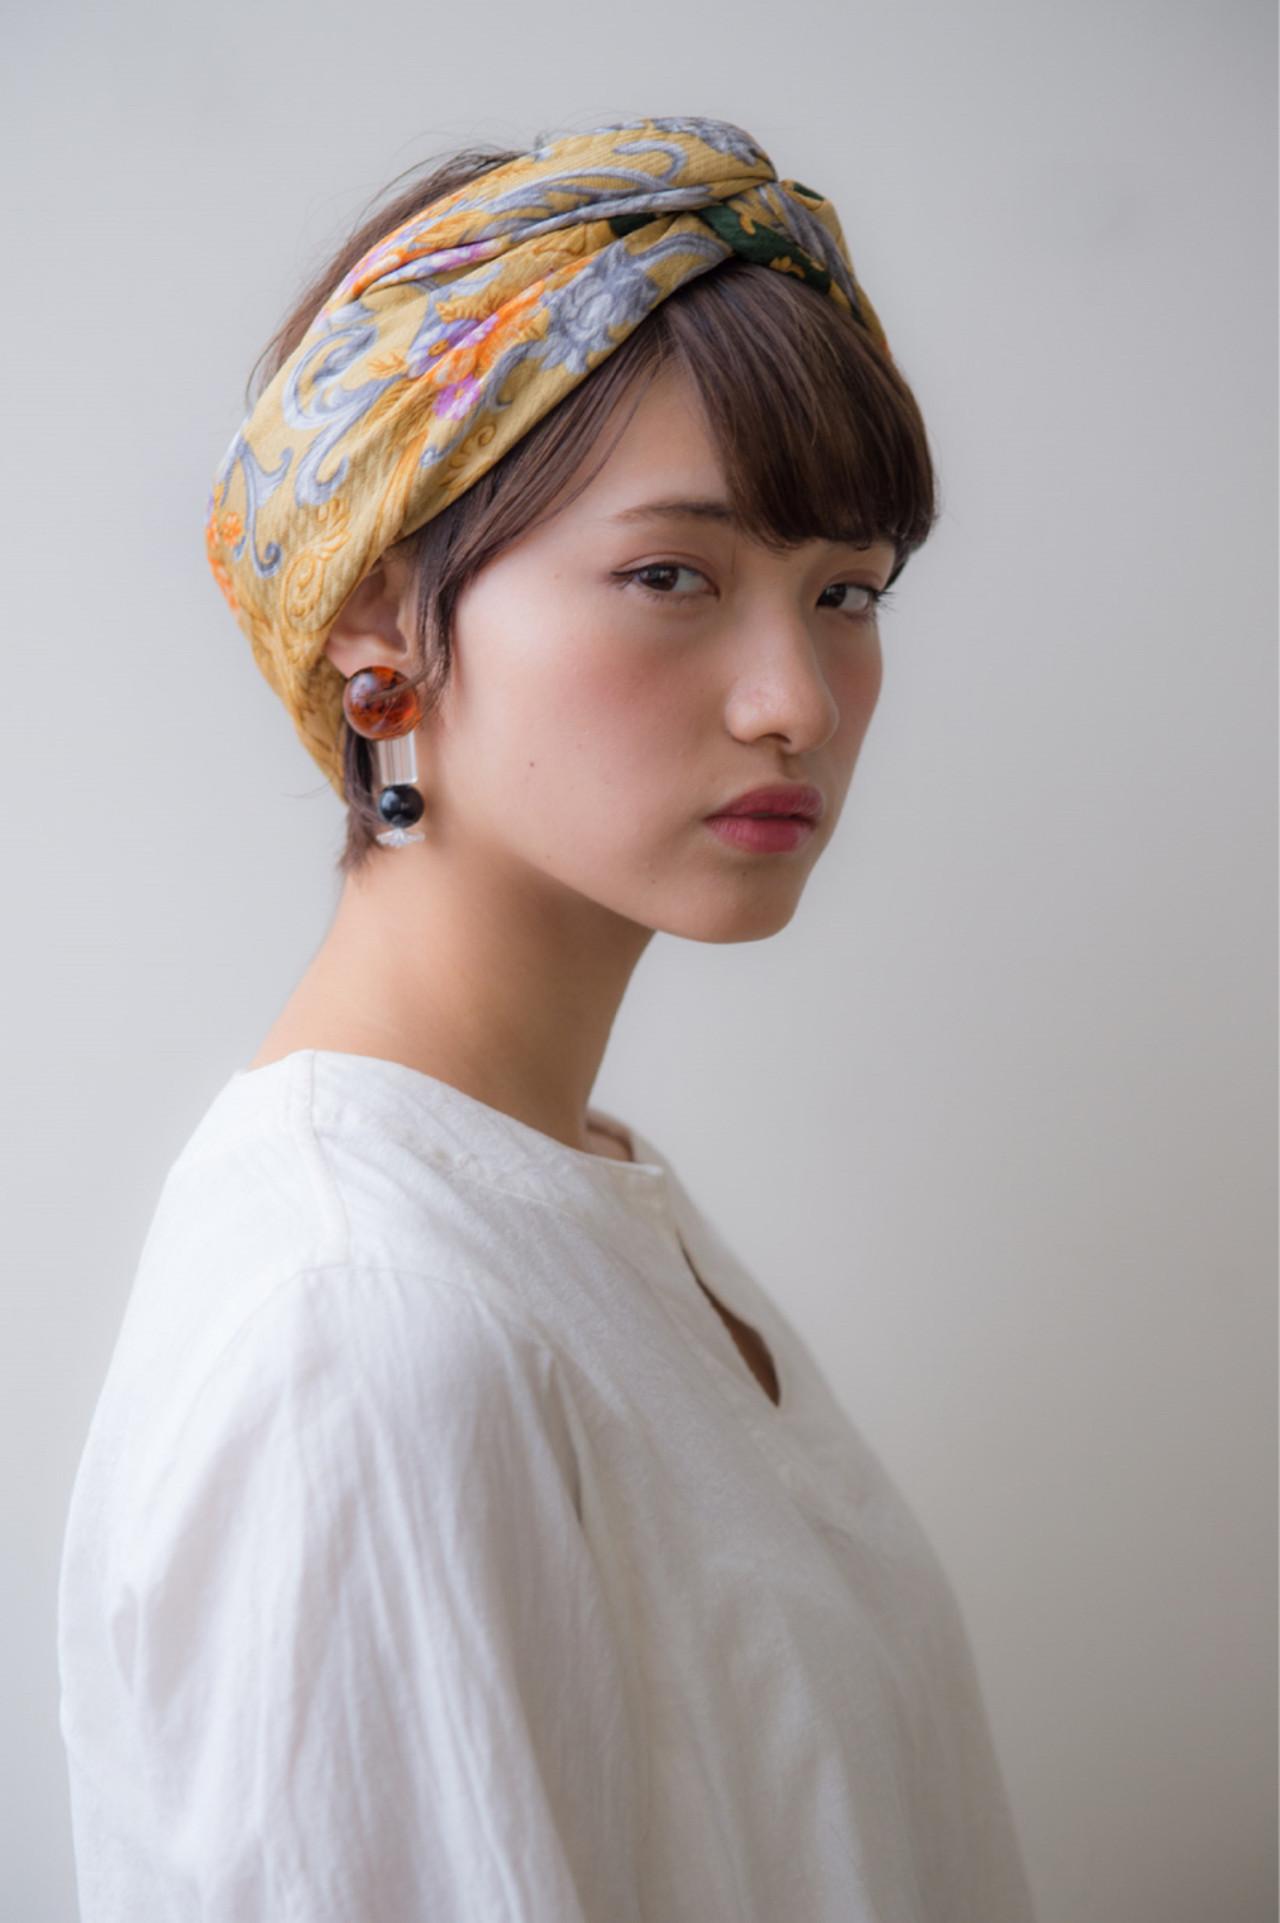 ヘアアクセ 小顔 暗髪 パーマ ヘアスタイルや髪型の写真・画像